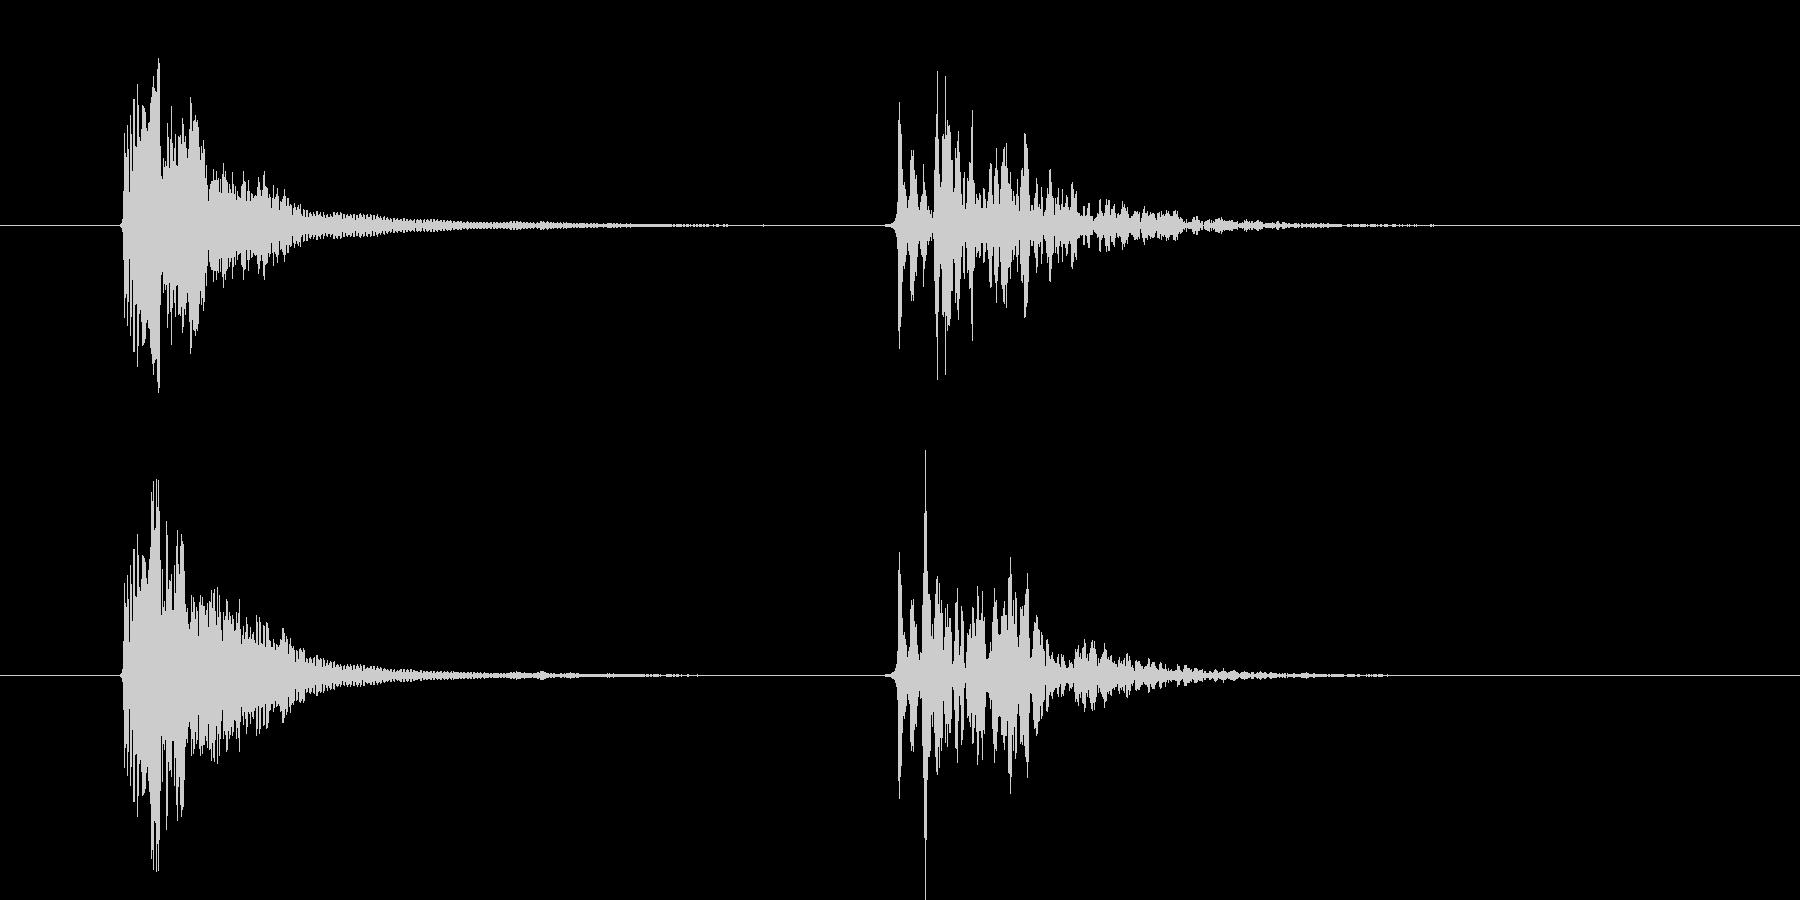 コルク栓やスクリューキャップを抜く音05の未再生の波形